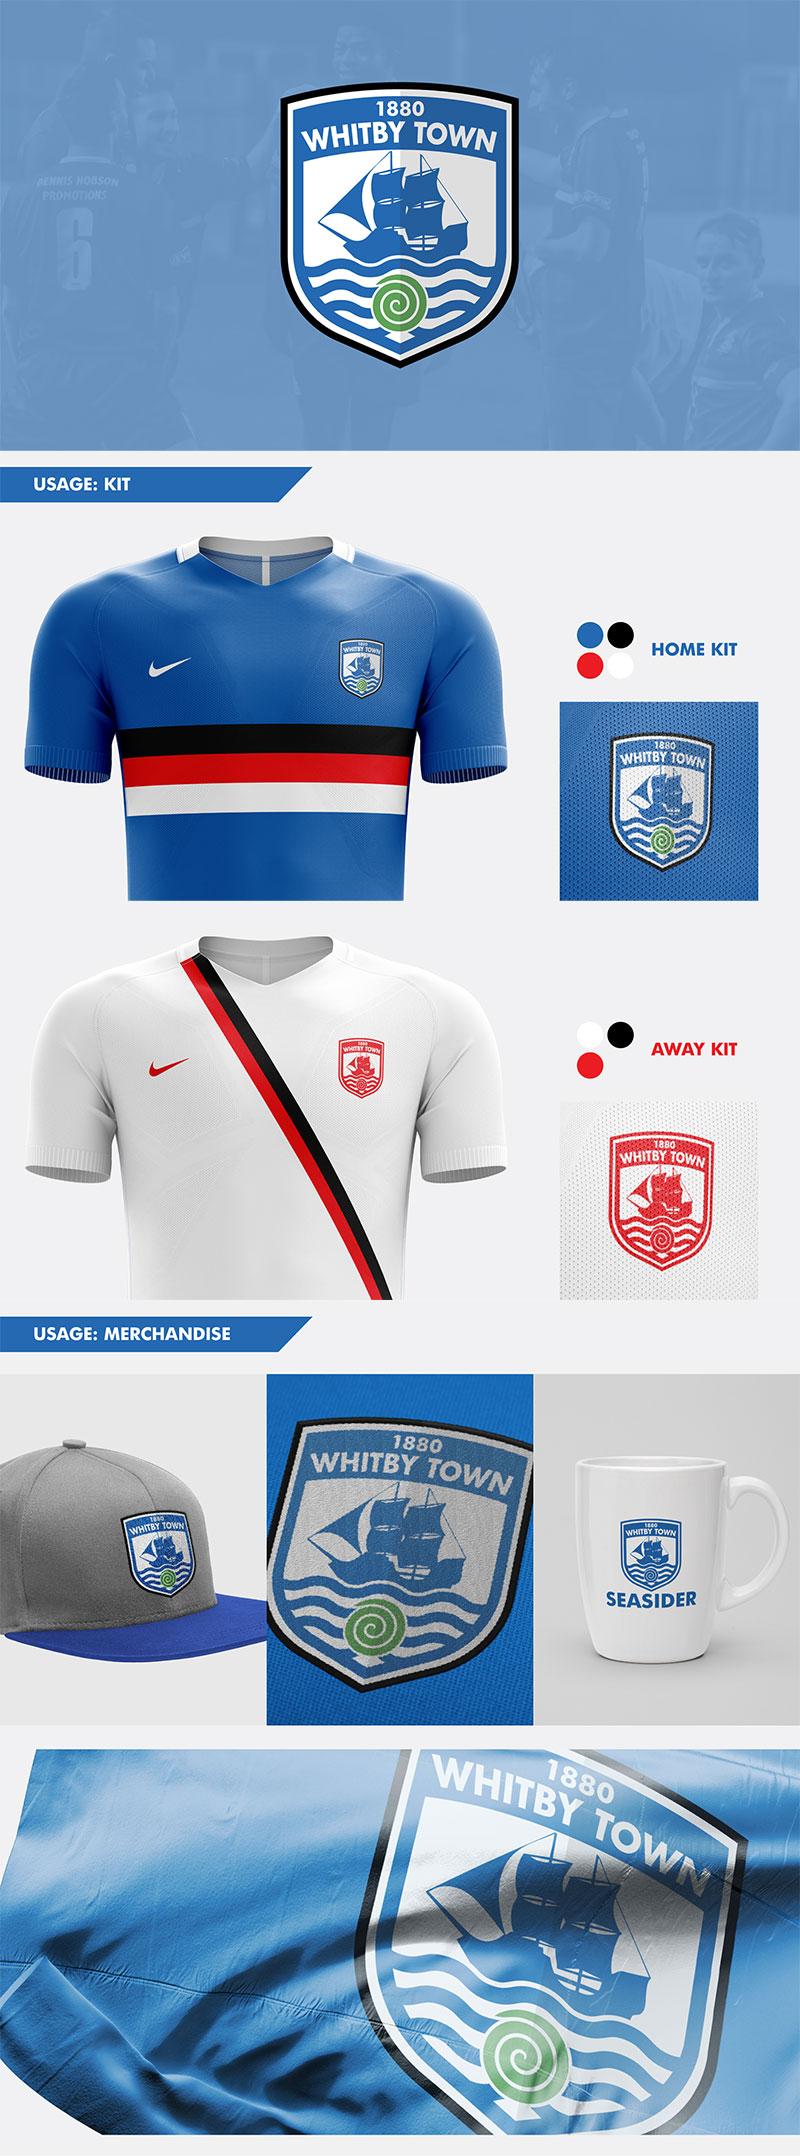 Diseños de la marca del club de fútbol: Concepto de rediseño de Whitby Town FC por Nick Budrewicz